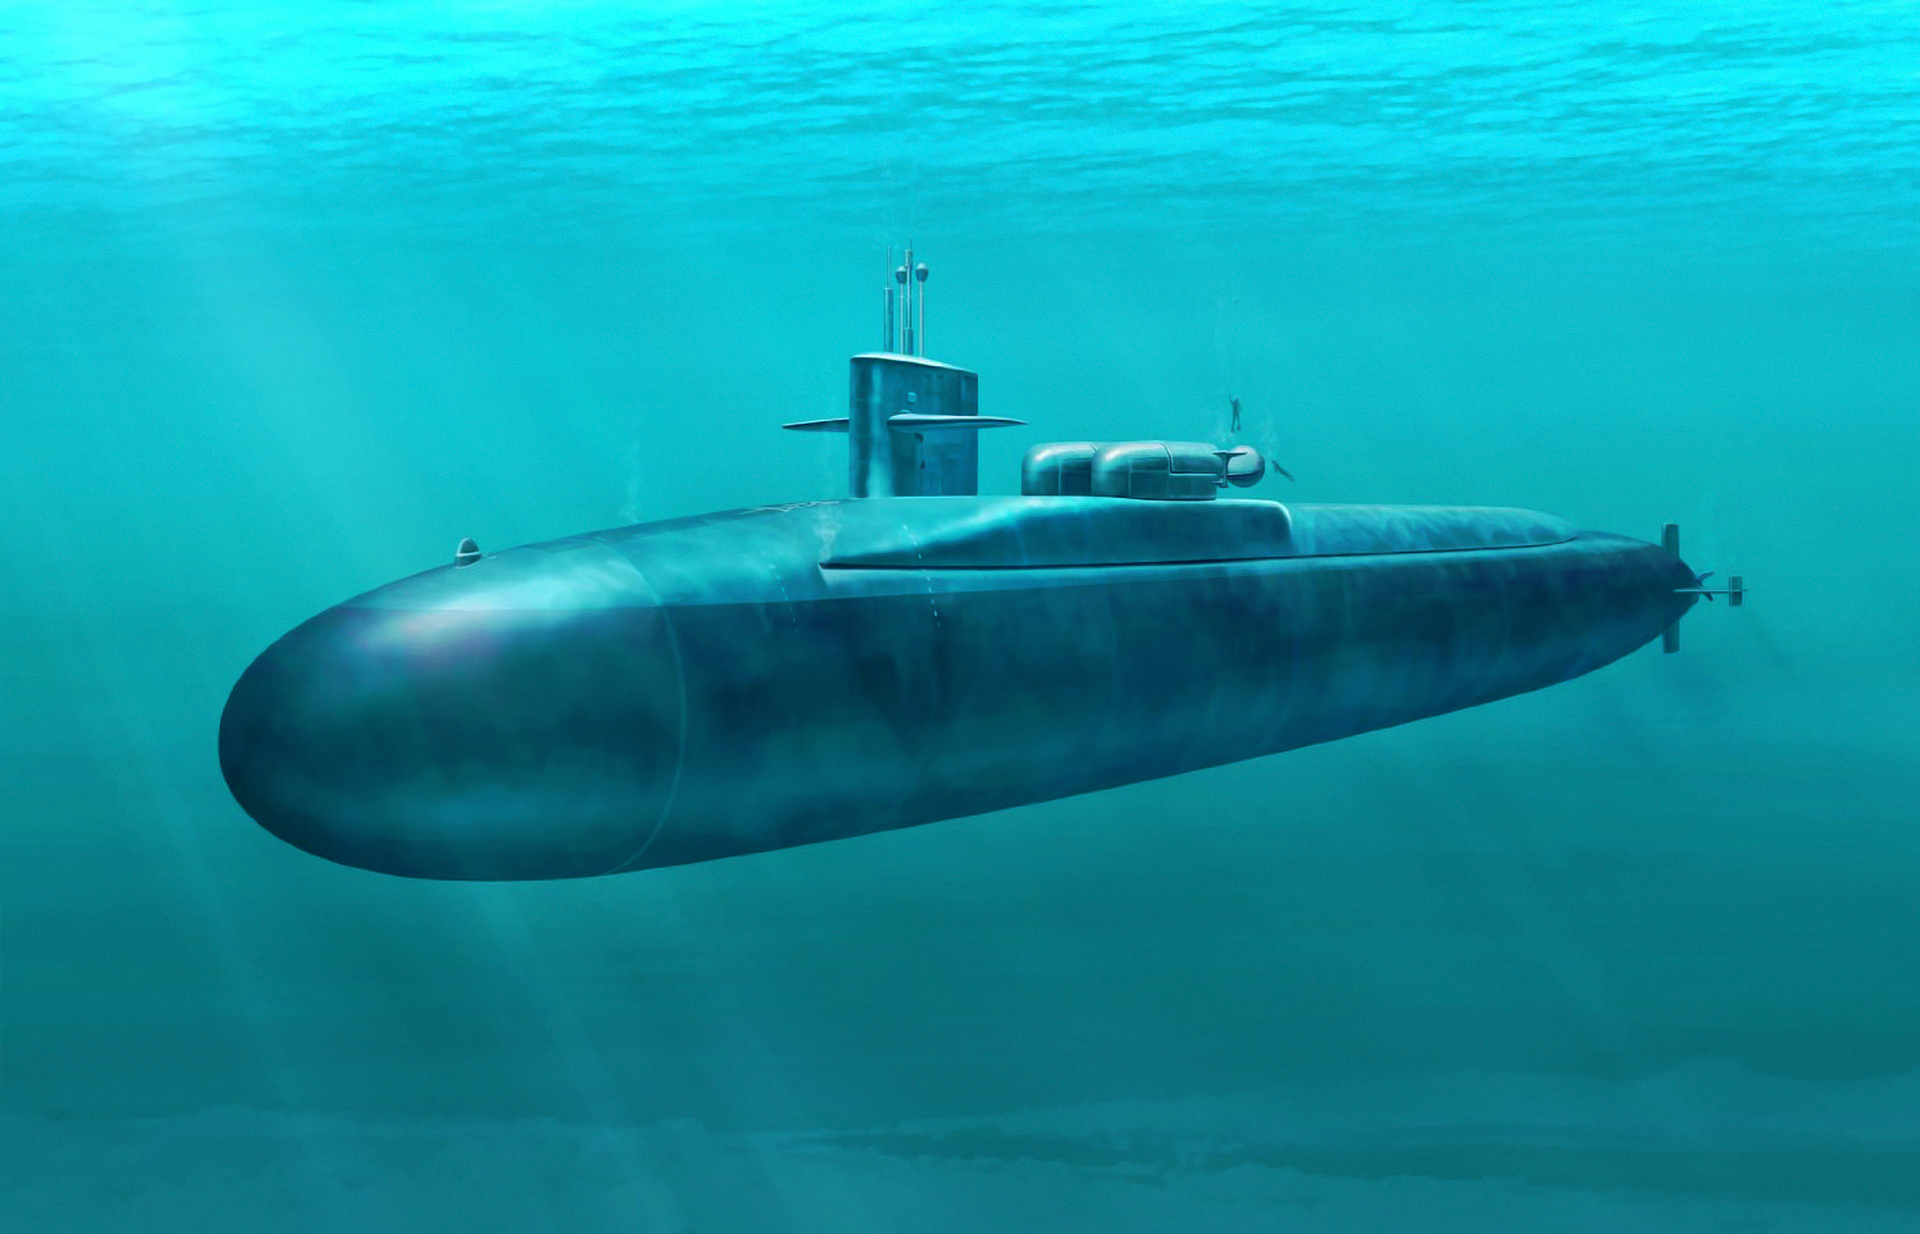 минерала картинки подводные лодок длине труб